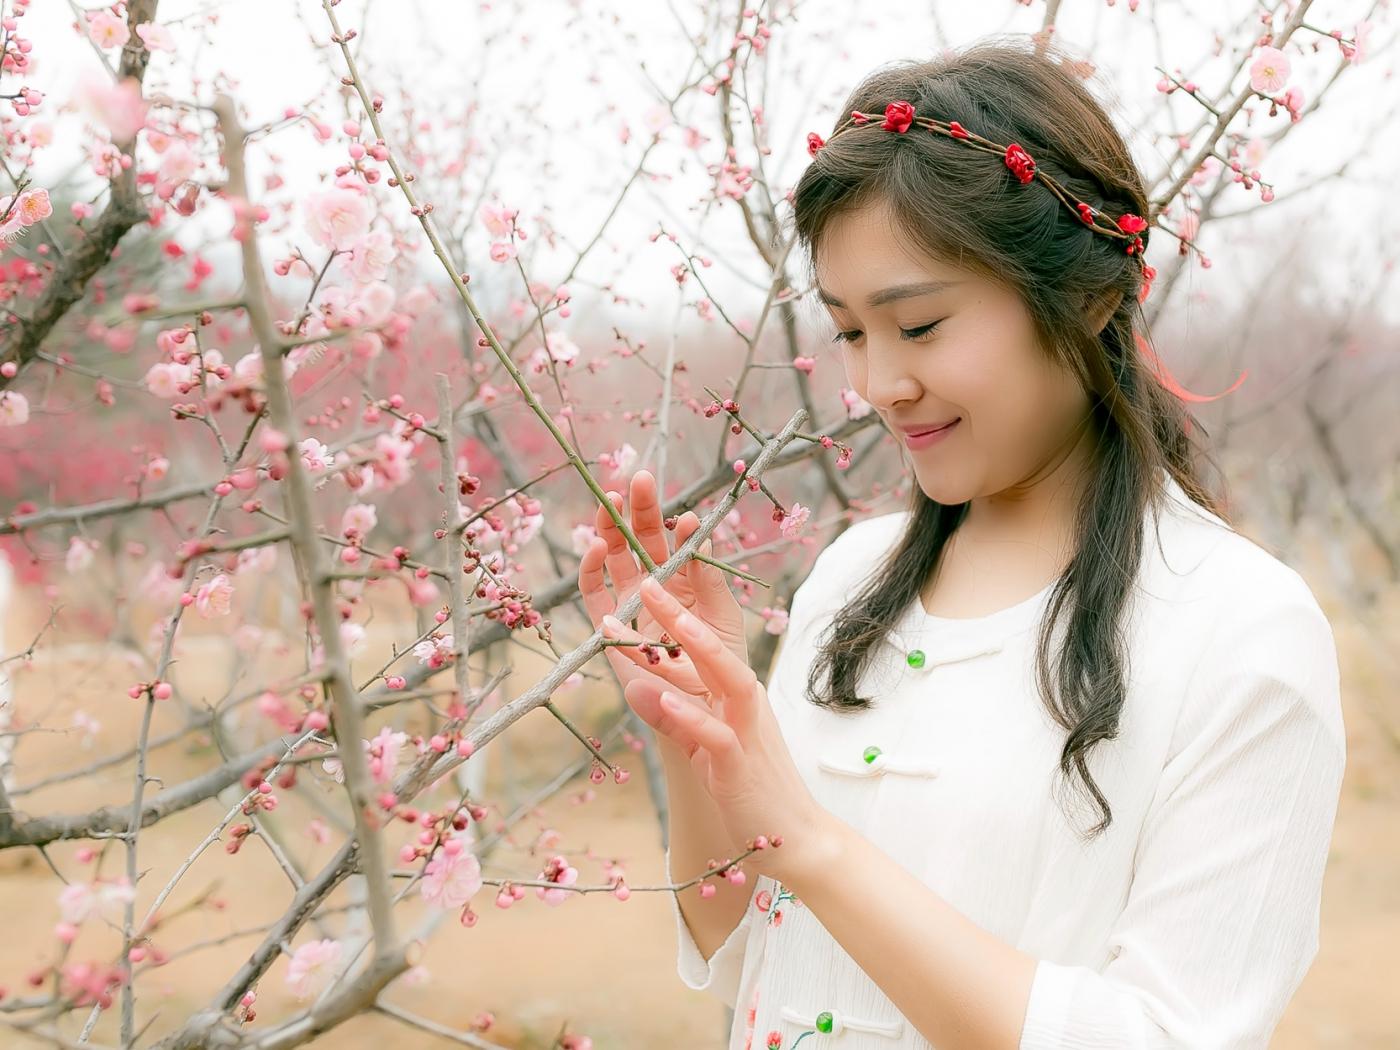 沂水雪山梅园走来一群赏梅踏春的沂蒙女孩 摄影人和女孩们成为梅园一道亮丽的风景线 ..._图1-20